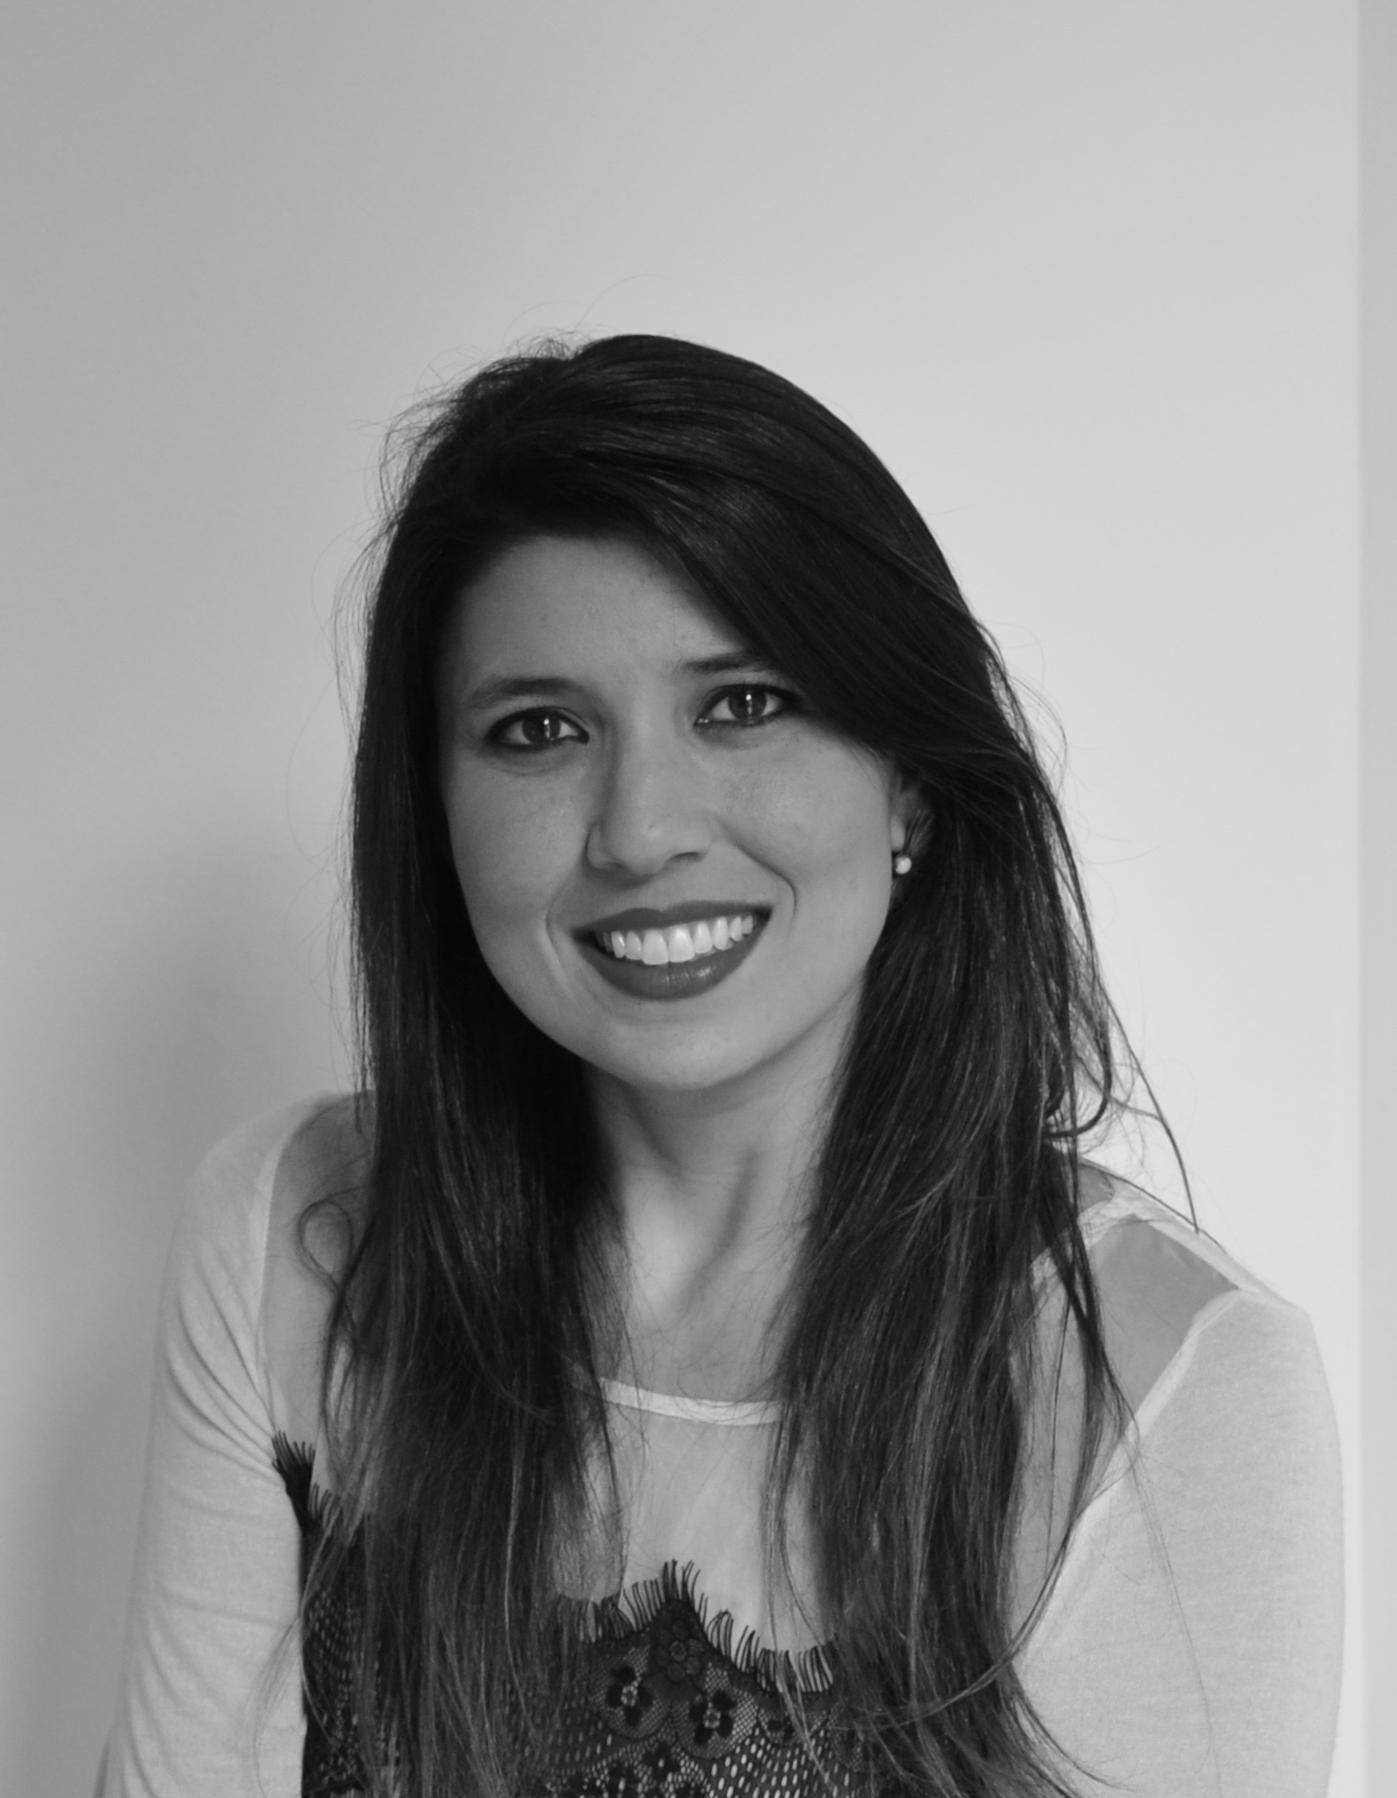 Lorena Bitar  Psicanalista e colunista do site no período de 29/06/2016 a 09/08/2017. Para acessar seus textos publicados no site basta clicar na foto acima)